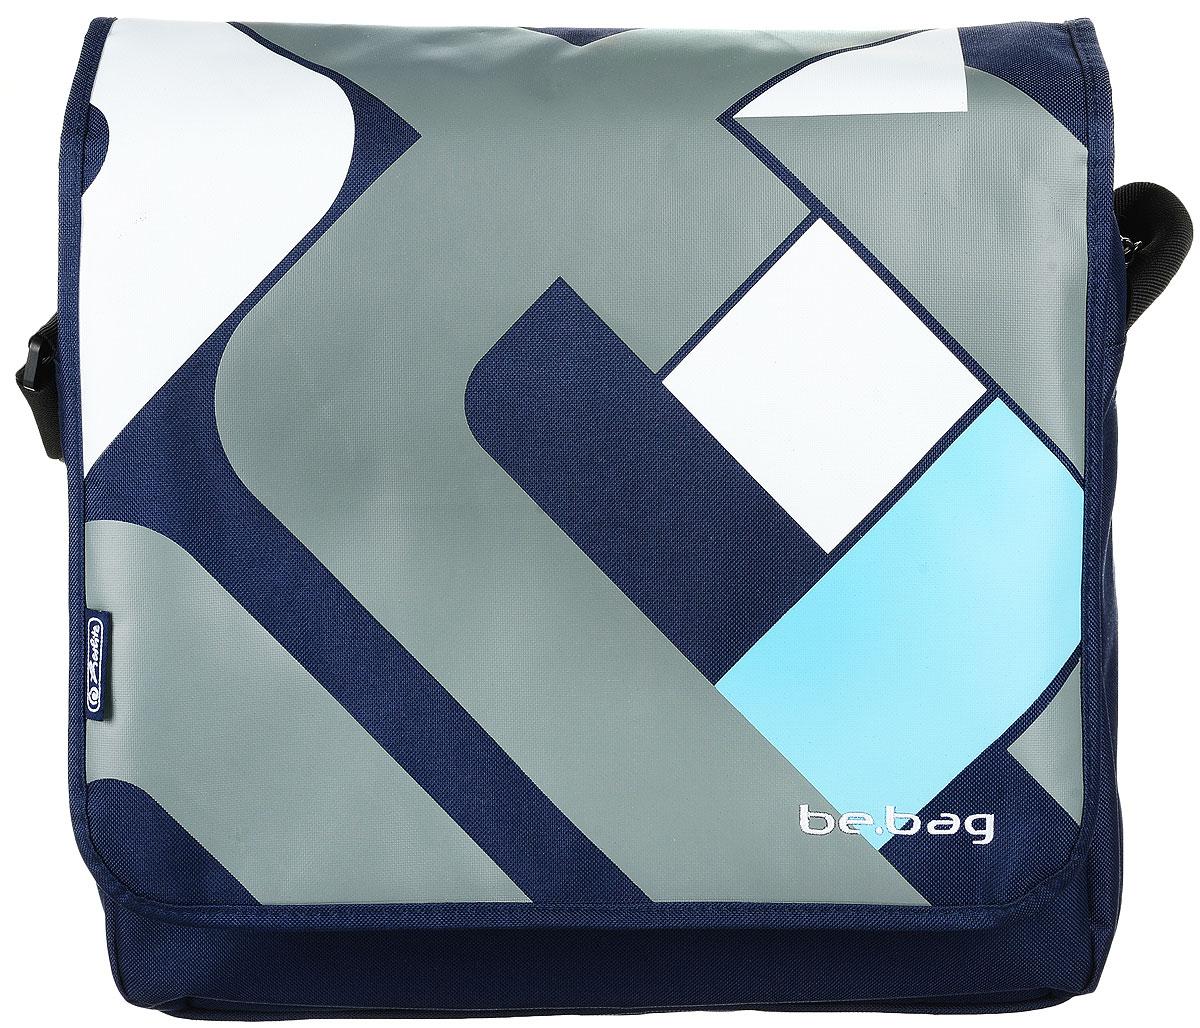 Herlitz Сумка школьная Be Bag Crossing 1143766211437662Прочная и вместительная школьная сумка Herlitz Be Bag. Crossing смотрится элегантно в любой ситуации. Сумка имеет одно отделение на молнии, которое закрывается сверху откидывающимся клапаном на липучке. Внутри отделения находятся мягкая перегородка, ограничивающая пространство для ноутбука или планшета, и два открытых сетчатых кармана. Спереди сумки расположен карман на молнии, содержащий сетчатый карман, небольшой карман на молнии, кармашек с мягкой подкладкой для мобильного телефона и карабин для ключей. Сзади расположен наружный карман на молнии. Широкая лямка регулируется по длине. Такую сумку можно использовать для повседневных прогулок, учебы, отдыха и спорта, а также как элемент вашего имиджа. Лаконичный и сдержанный дизайн подчеркнет индивидуальность и порадует своей функциональностью.